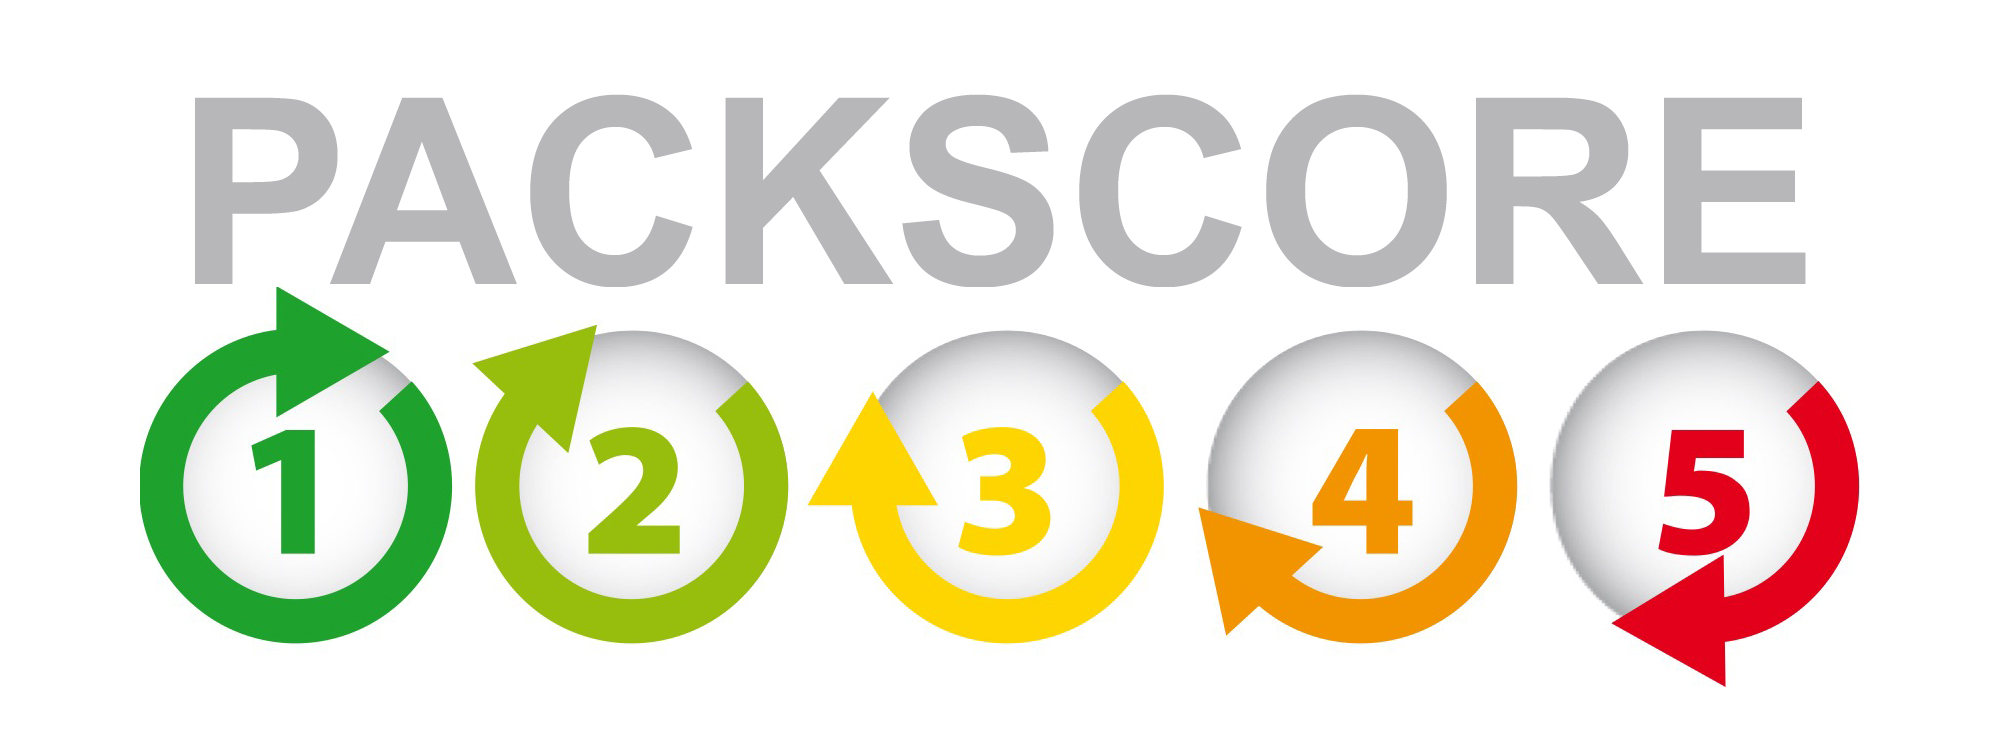 packscore 1 - PACKSCORE, l'indicateur de qualité et de durabilité des emballages alimentaires